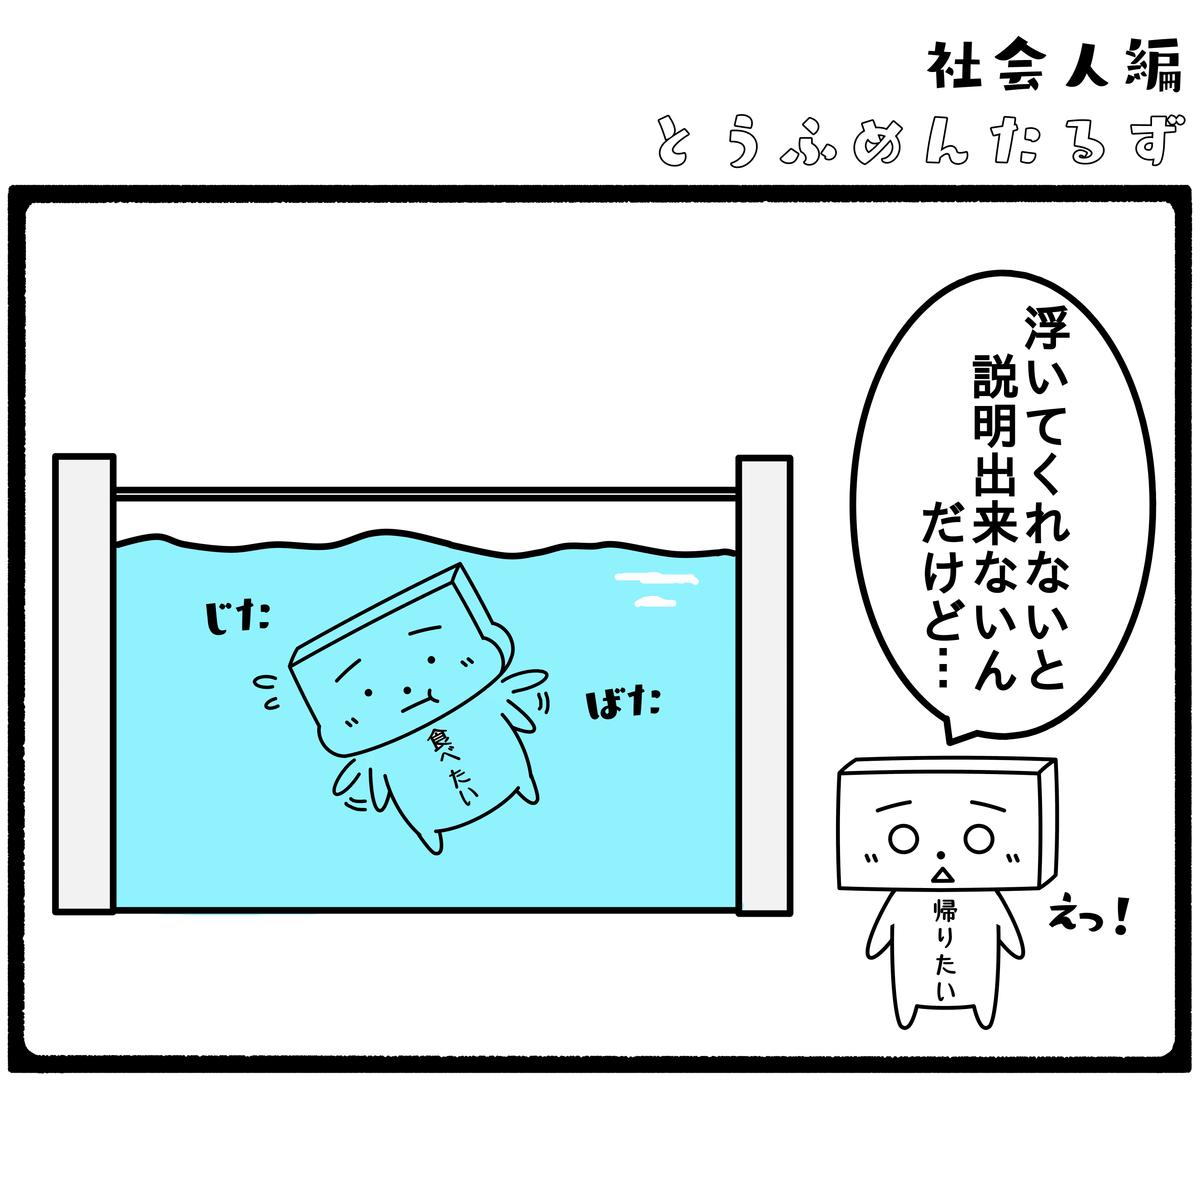 とうふめんたるず 豆腐メンタル 日常 4コマ漫画 浮力